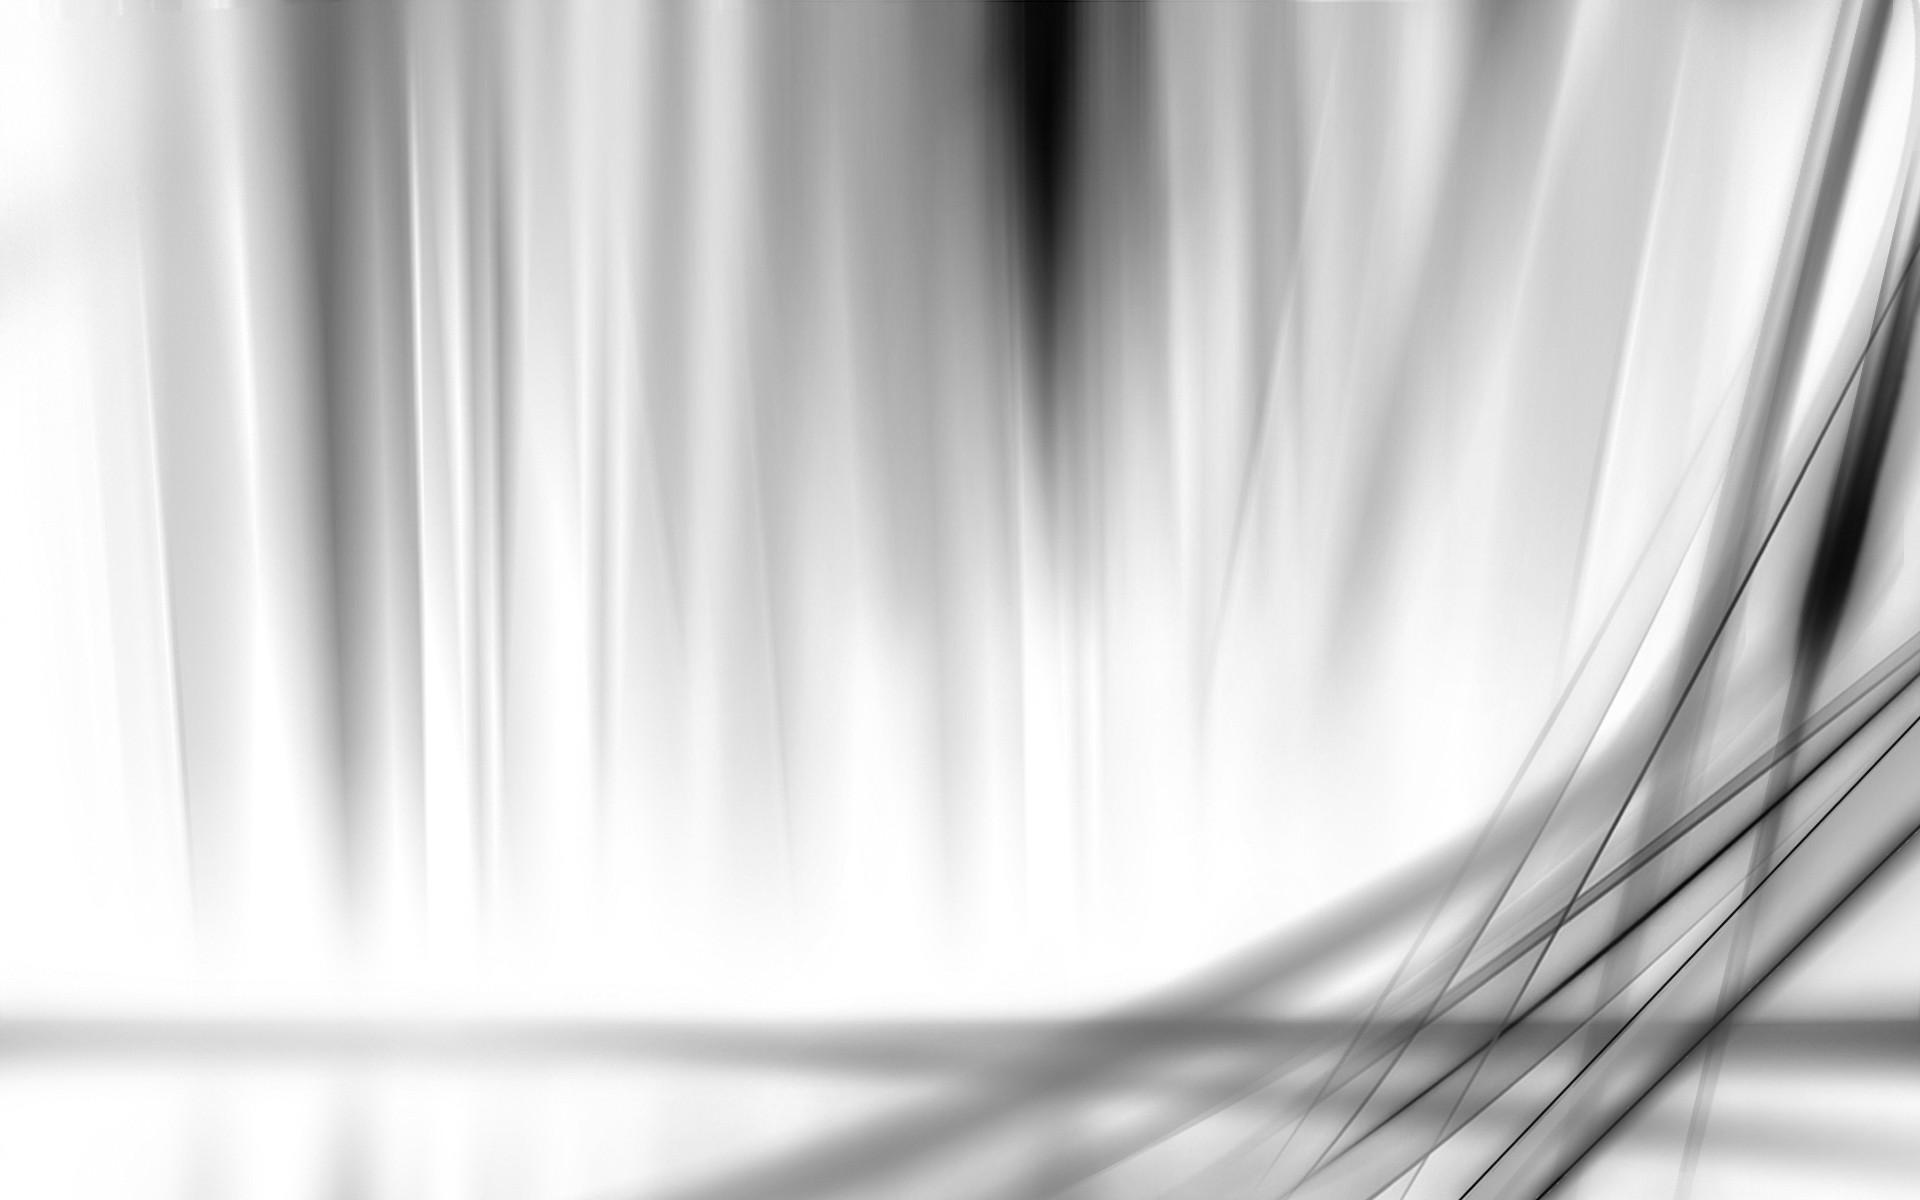 Hình nền trắng đen đơn giản